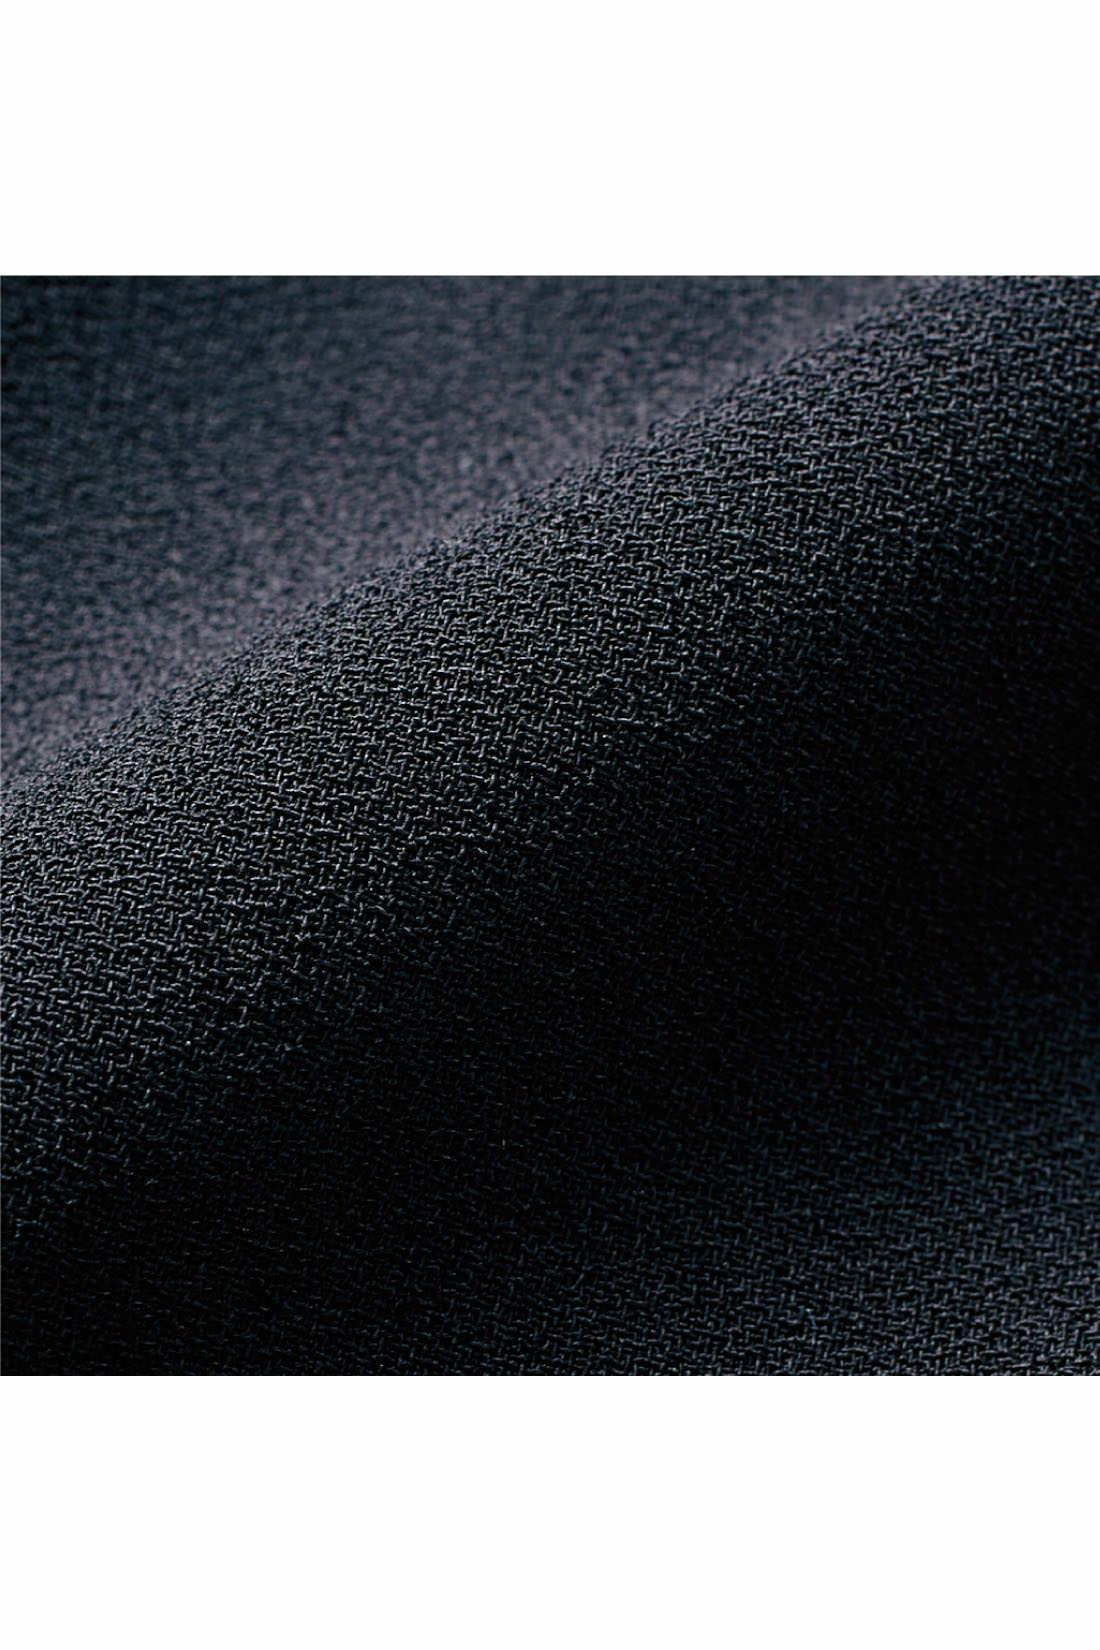 しなやかな伸縮性と軽やかなドレープ性が特徴の、高級感あるジョーゼット。